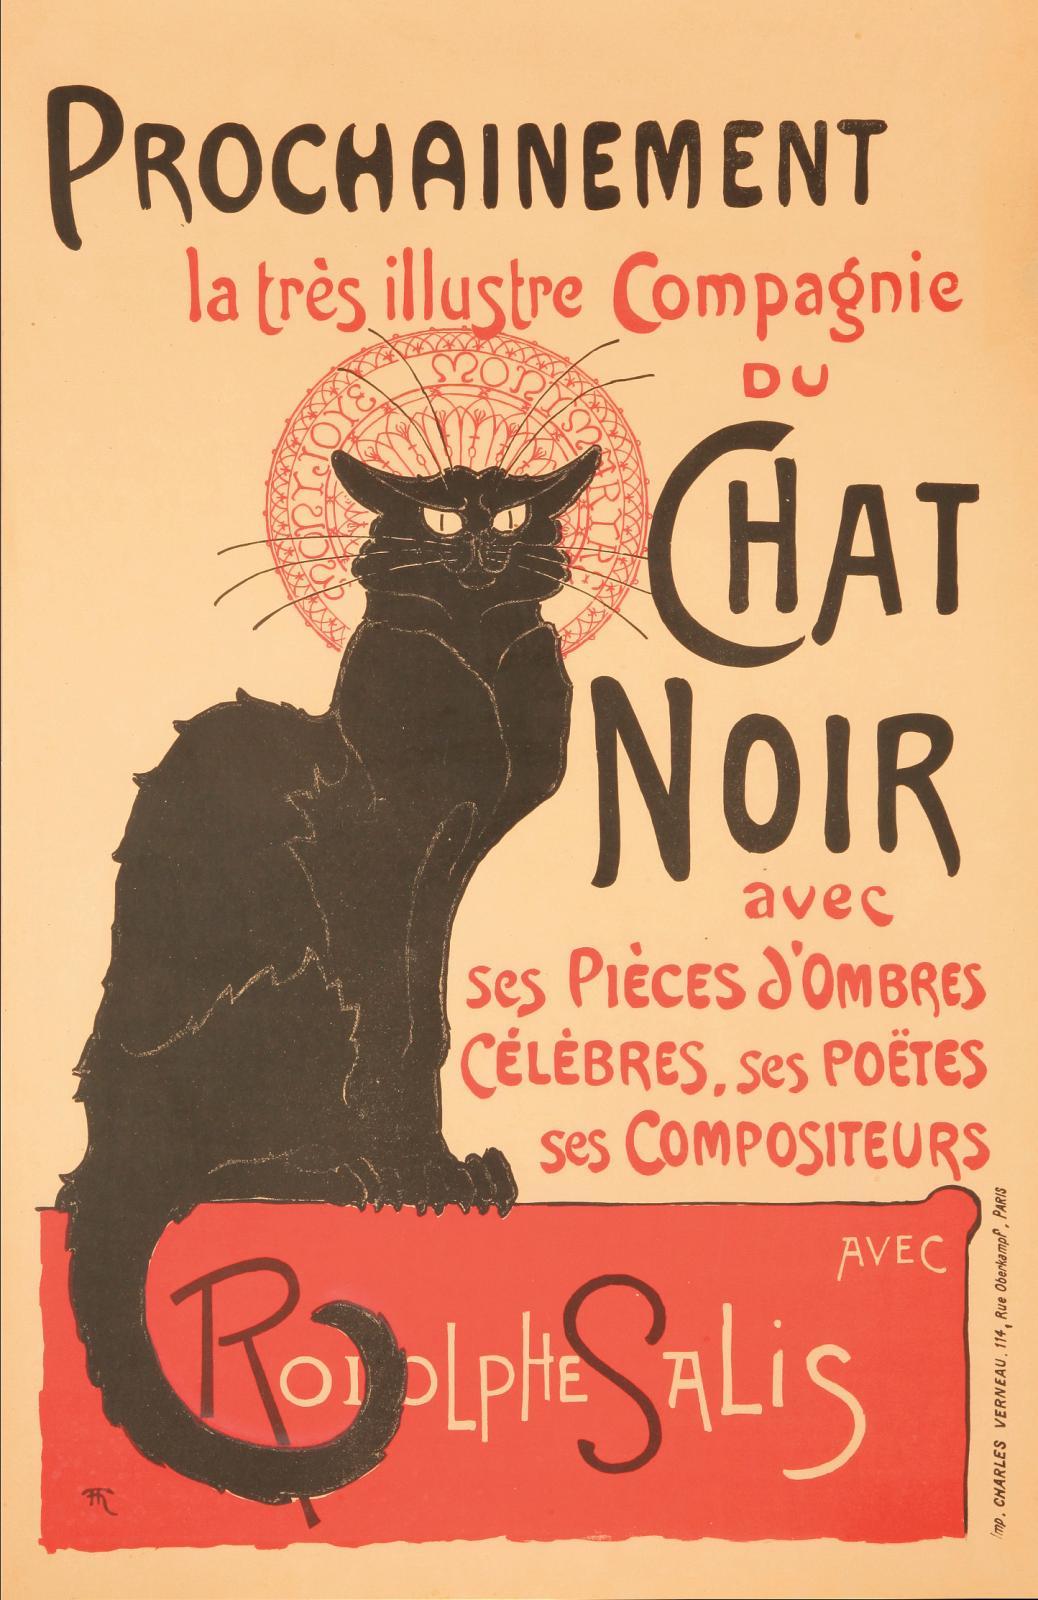 Théophile-Alexandre Steinlen (1859-1923), Prochainement la très illustre Compagniedu Chat Noir…, 1896, affiche de librairie, imprimerie Ch